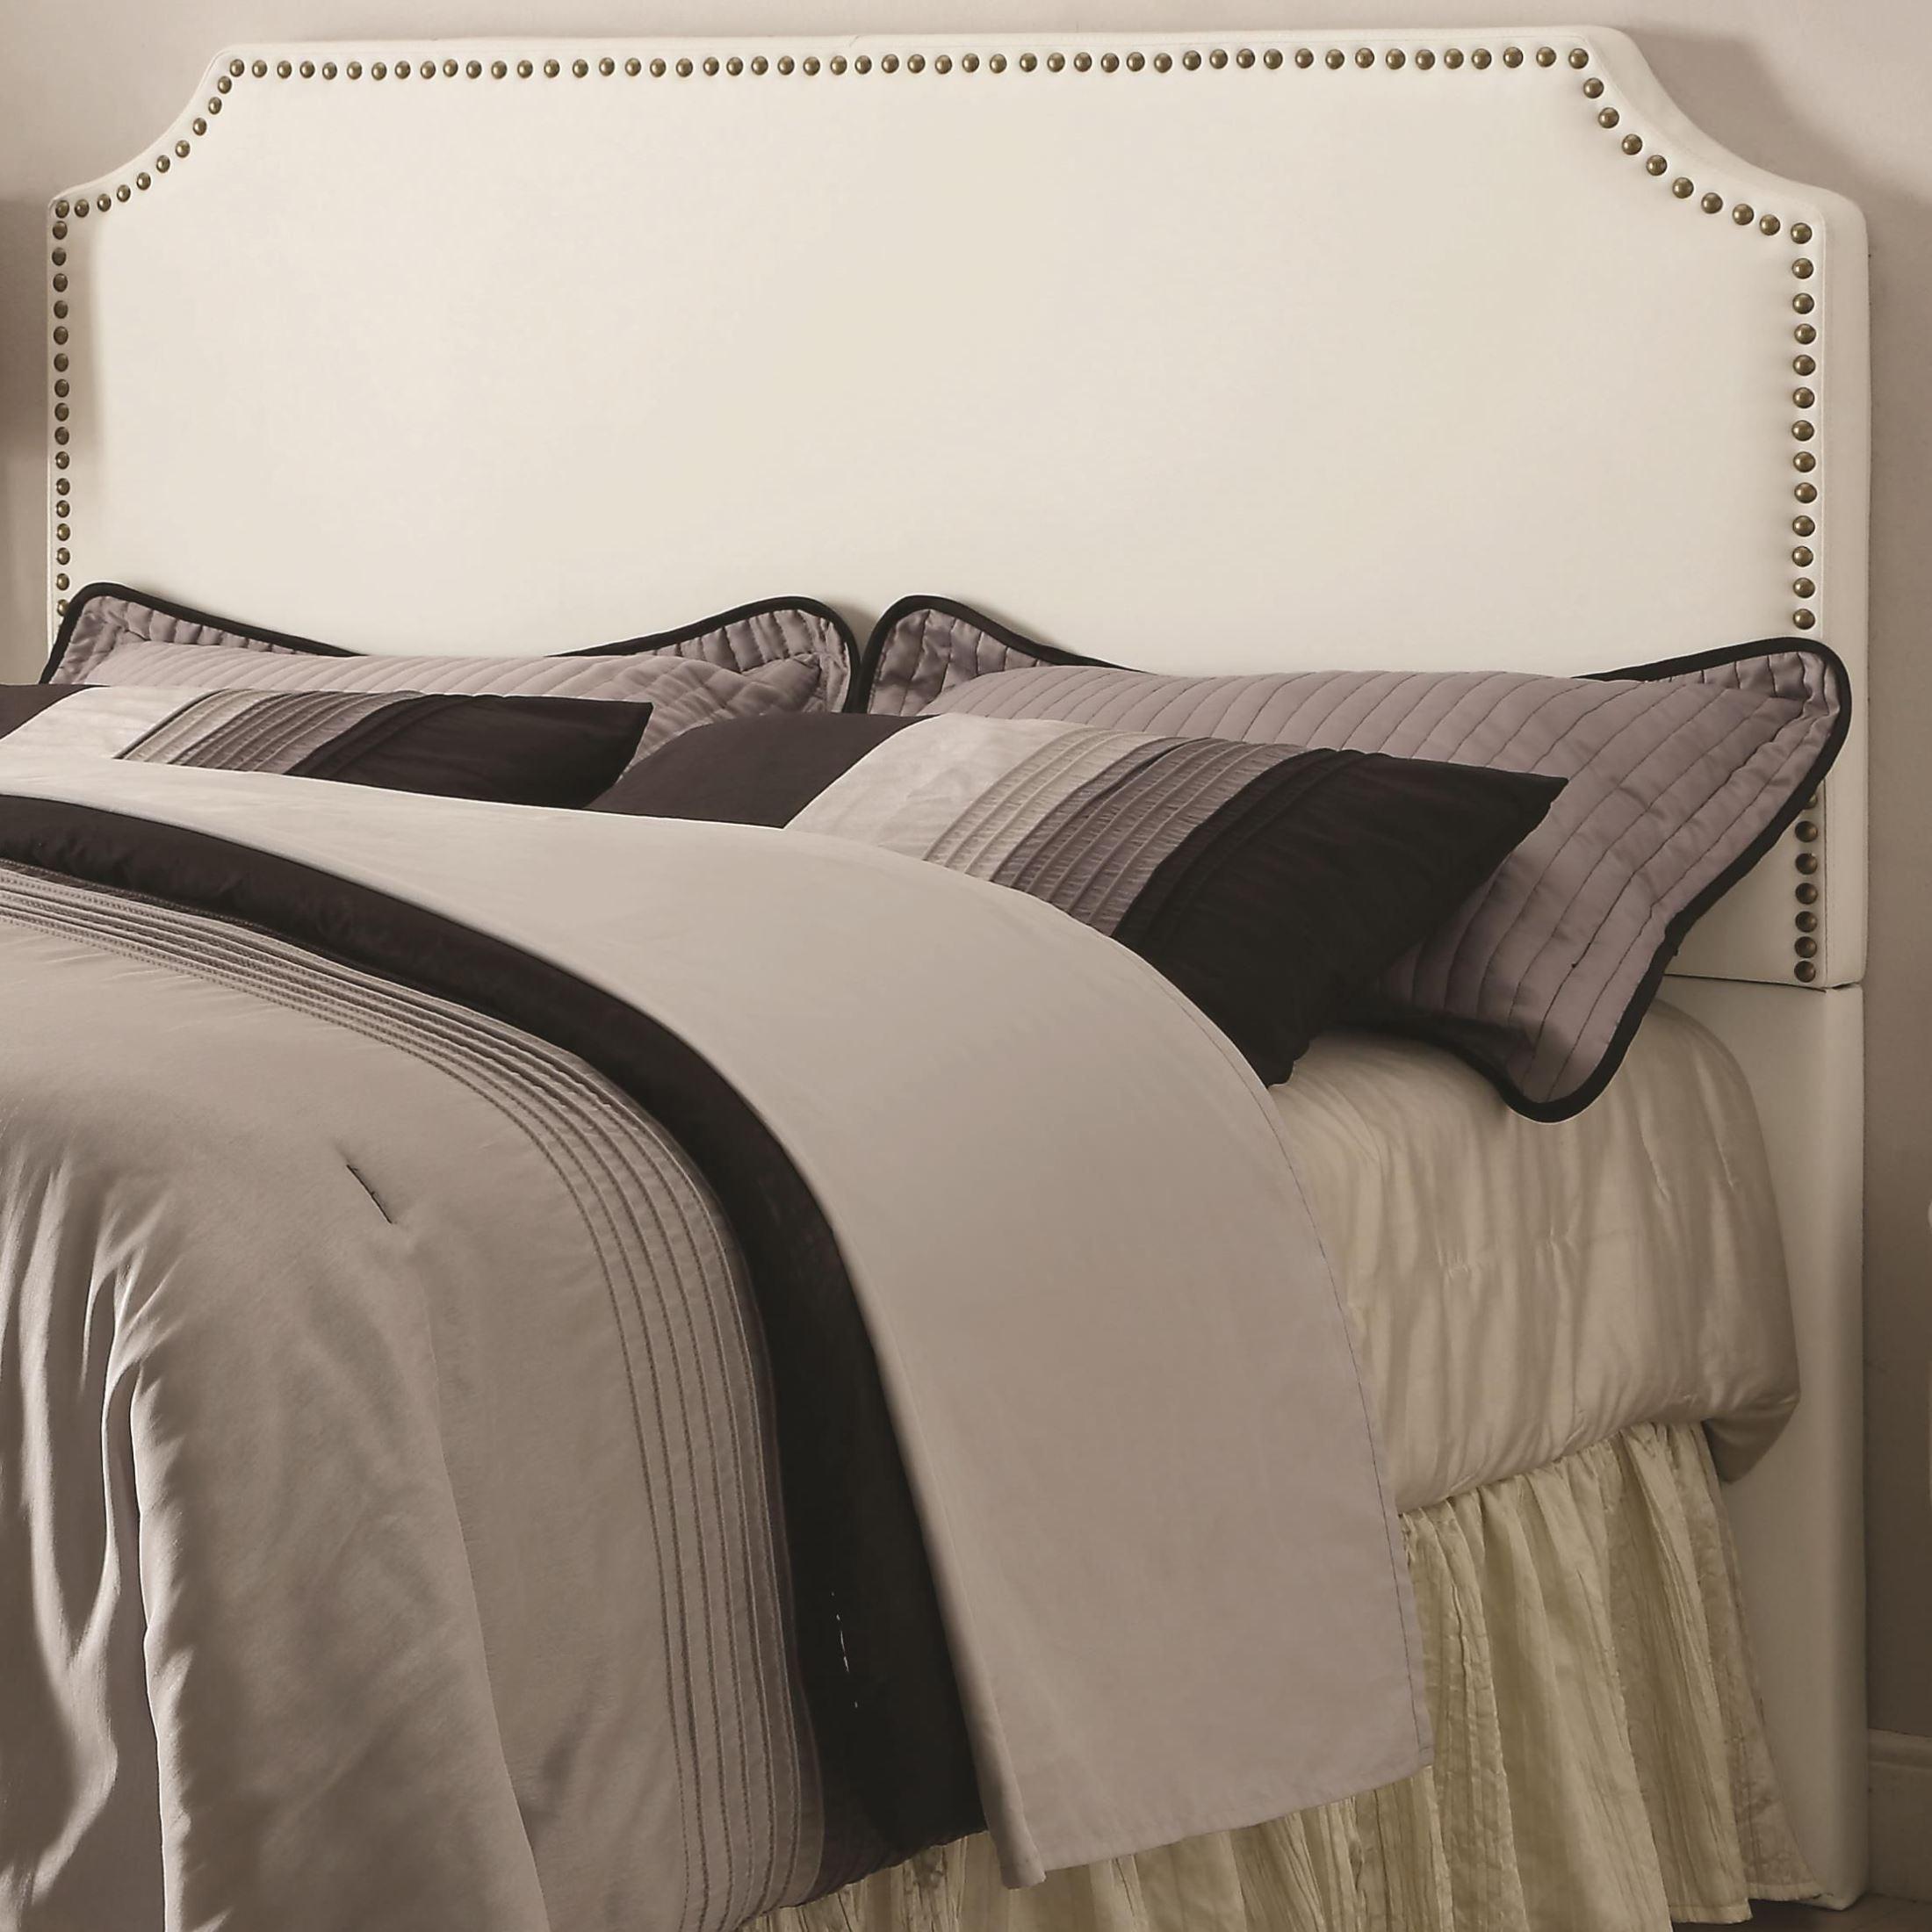 Novato White King Upholstered Headboard From Coaster